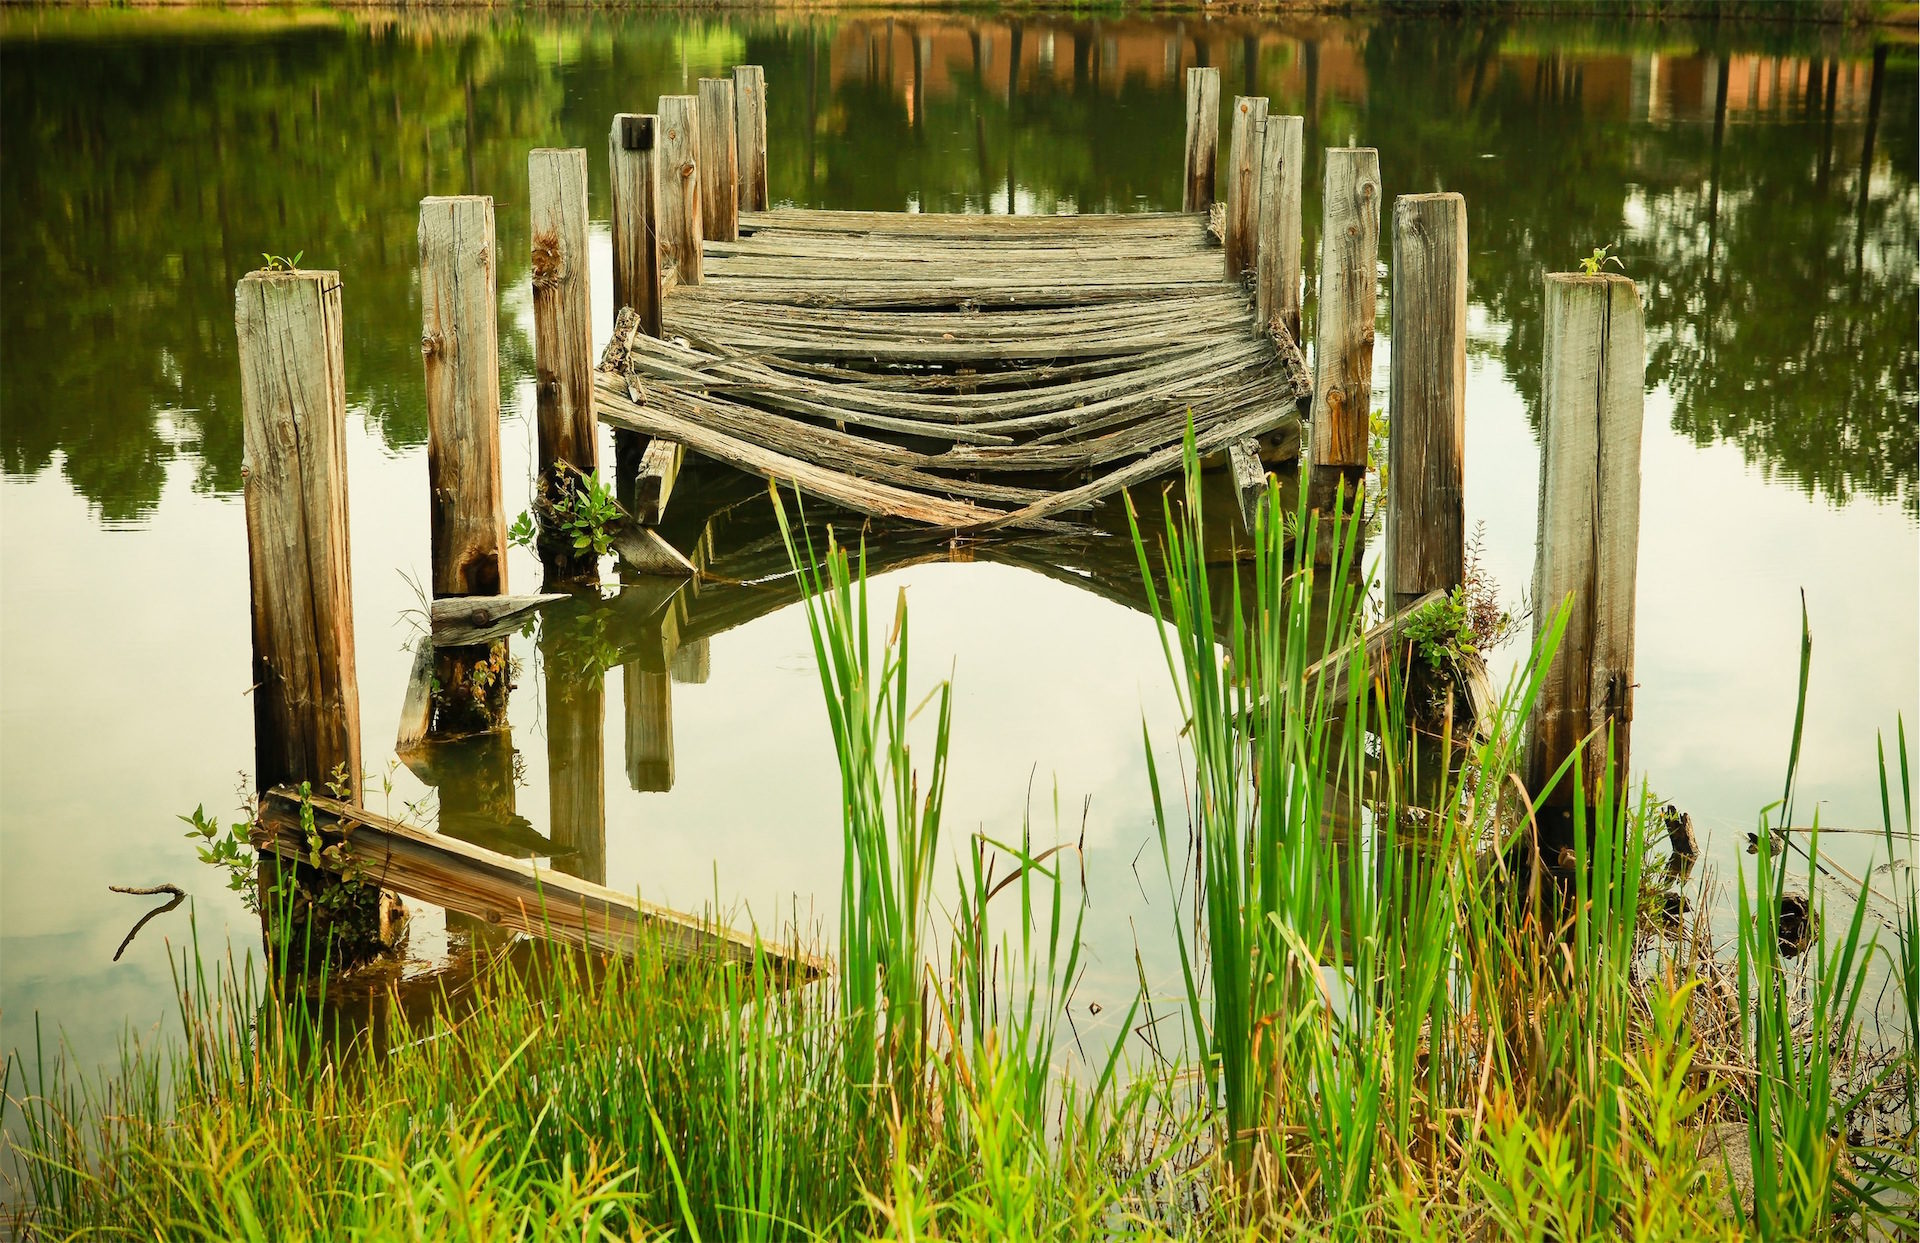 पुल, पुराने, टूट गया, झील, प्रतिबिंब - HD वॉलपेपर - प्रोफेसर-falken.com